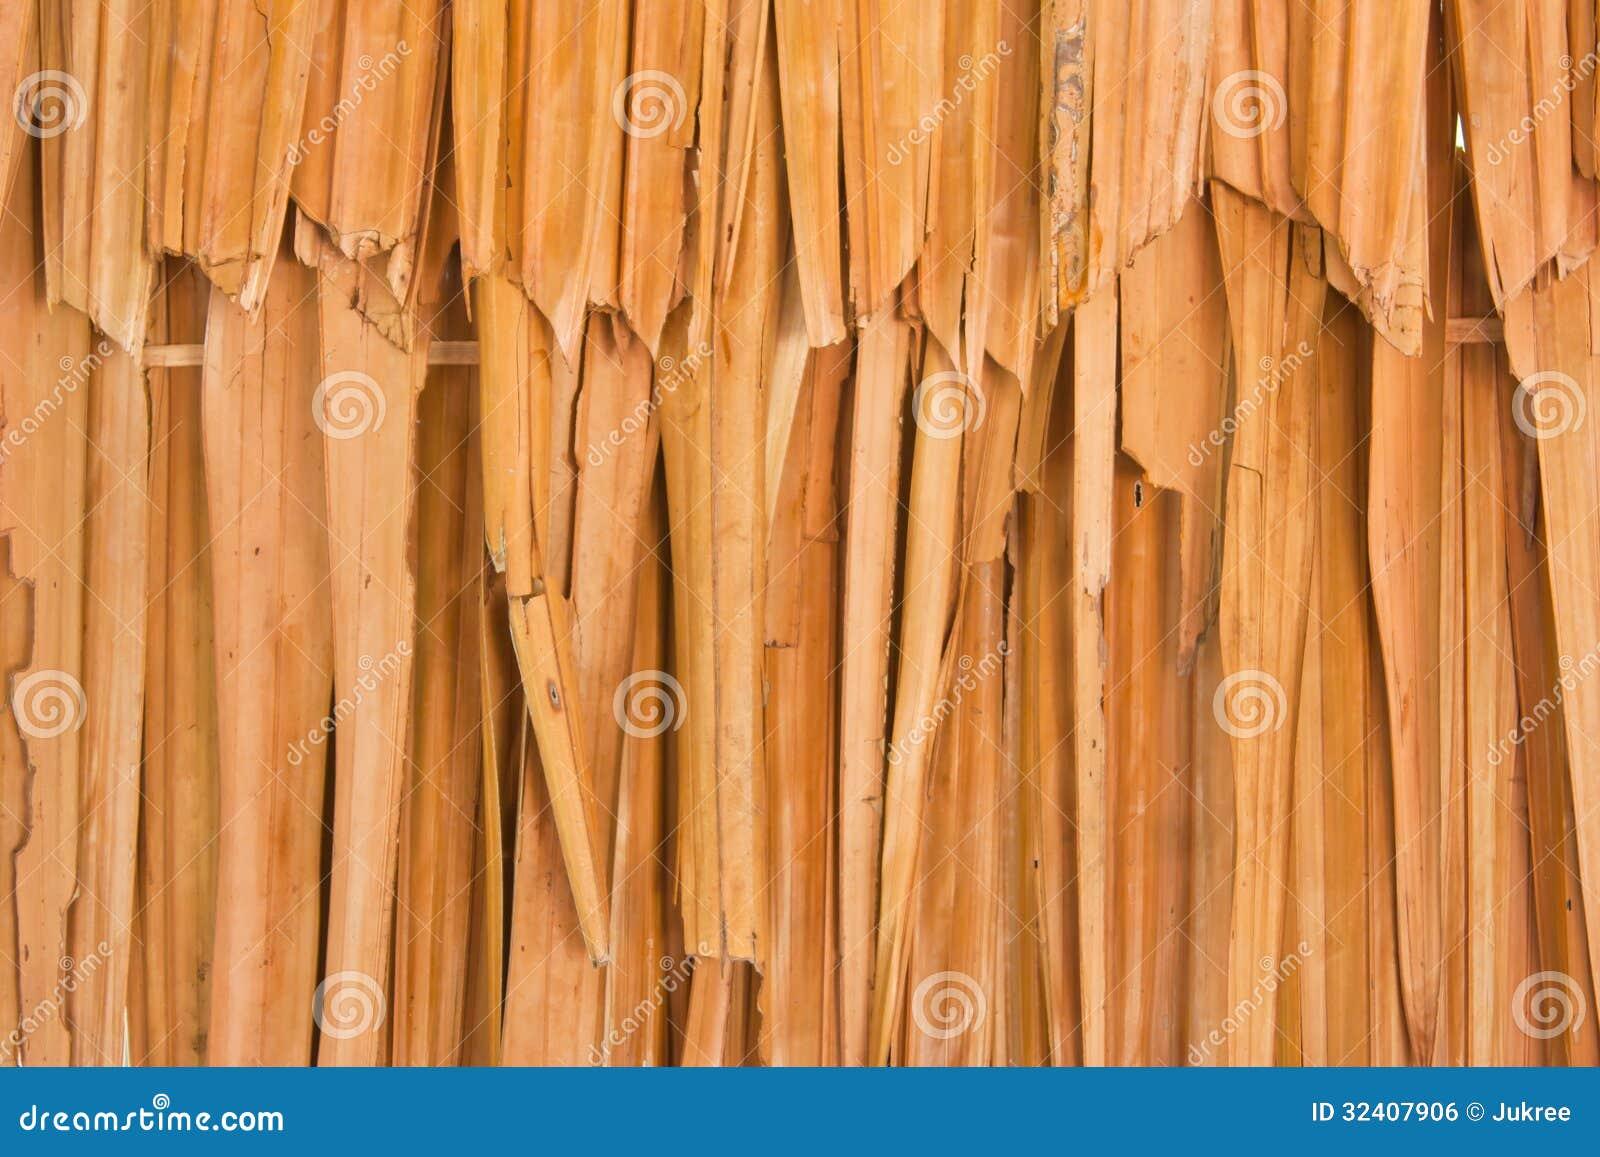 Nypa Fruticans Nipa Palm Stock Photo Image Of Pattern